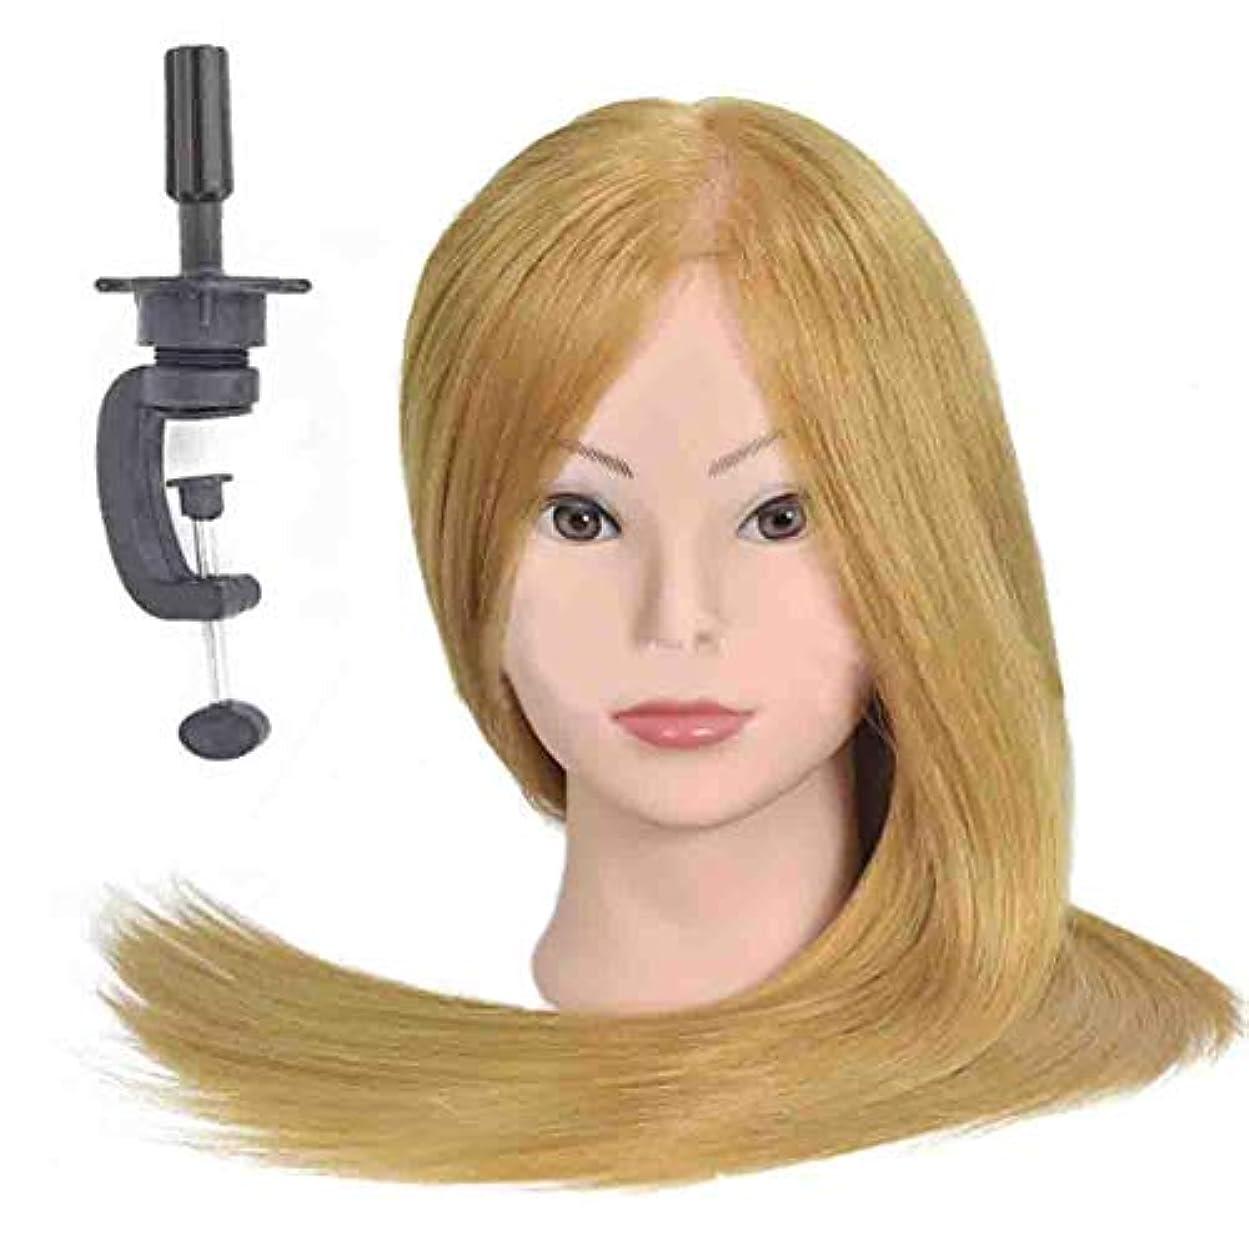 行商人まもなく人気メイクディスクヘアスタイリング編み教育ダミーヘッドサロンエクササイズヘッド金型理髪ヘアカットトレーニングかつら